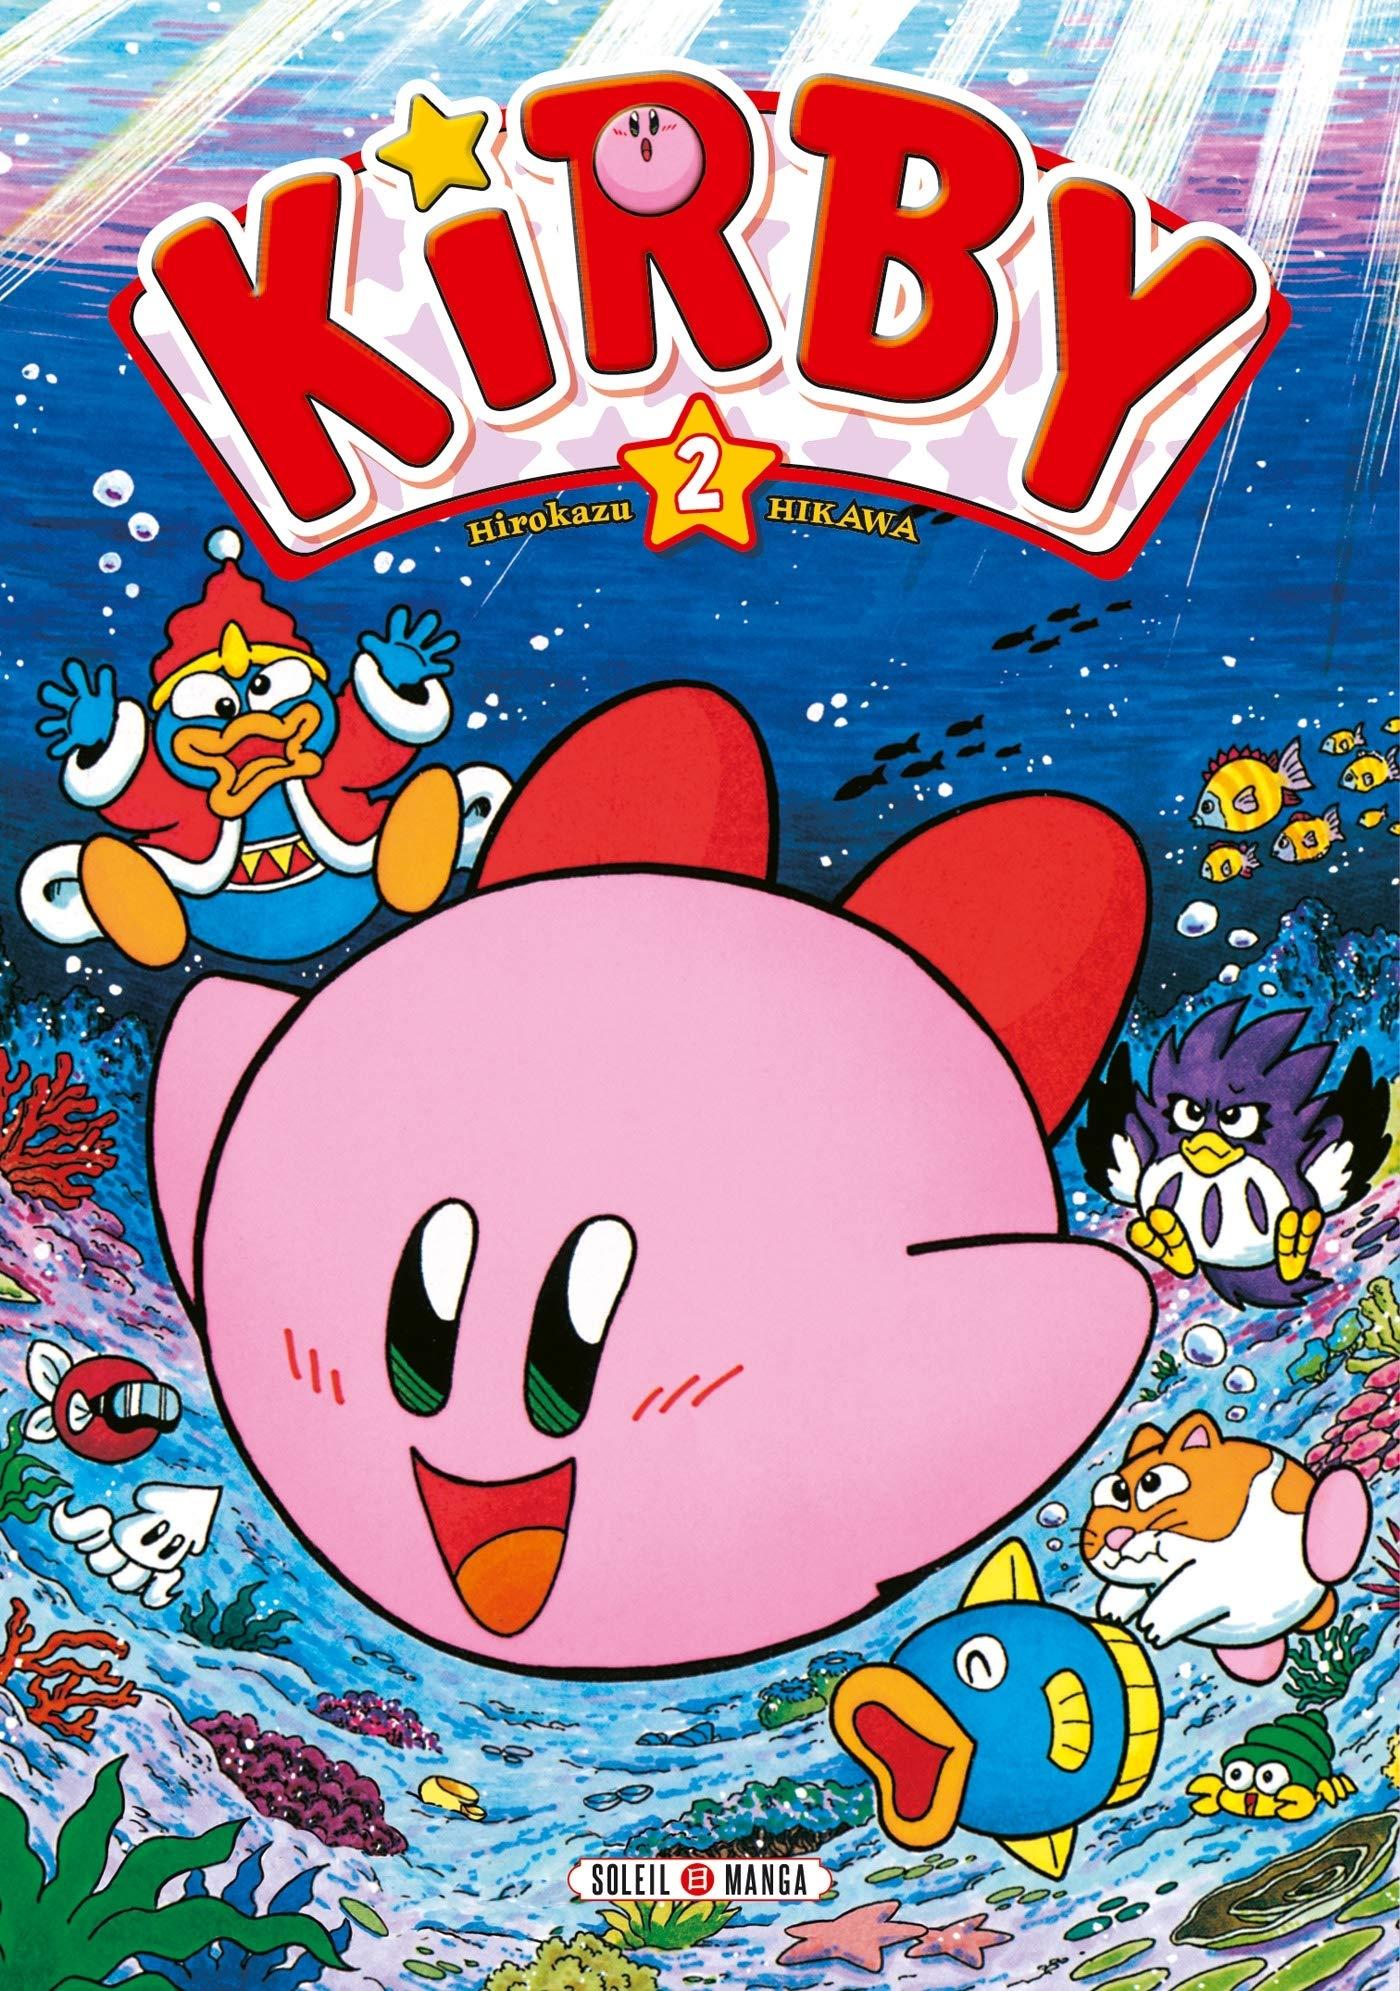 Les Aventures de Kirby dans les Étoiles 2